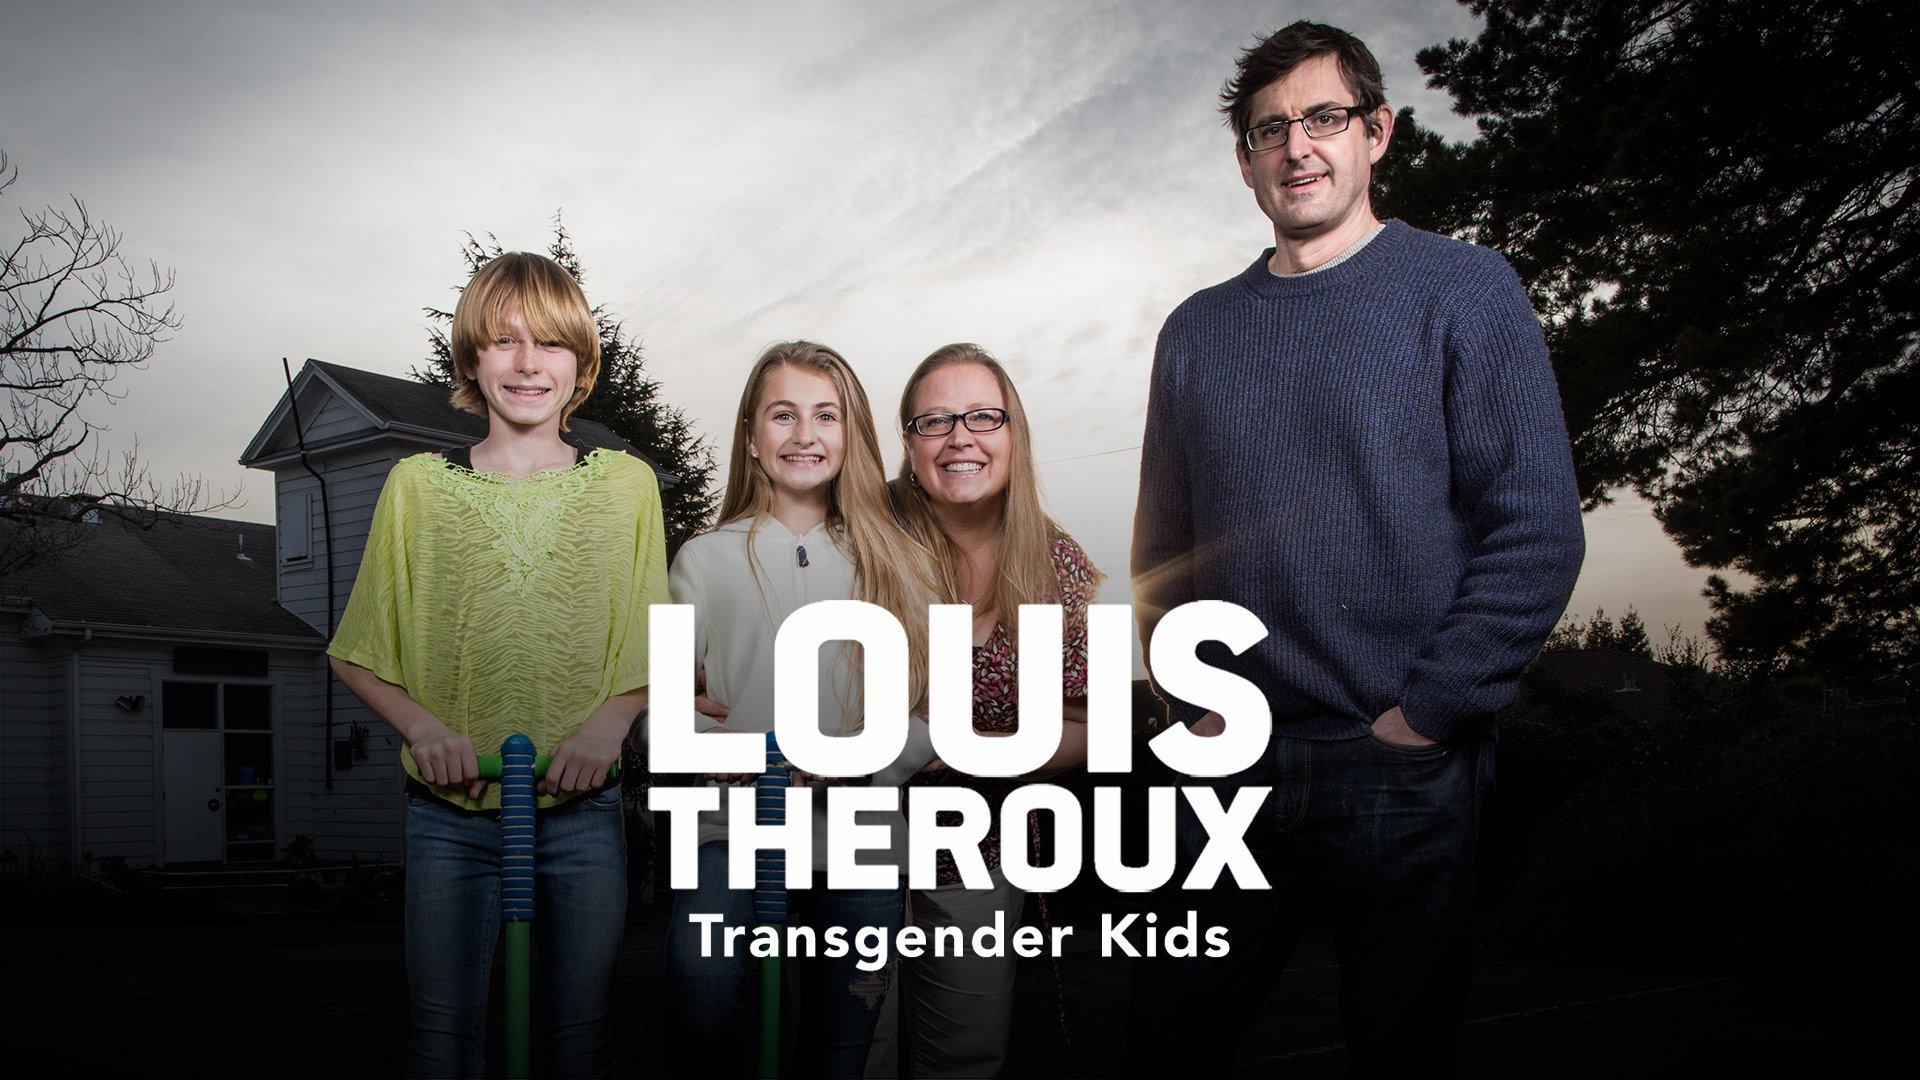 Louis Theroux: Transgender Kids on BritBox UK